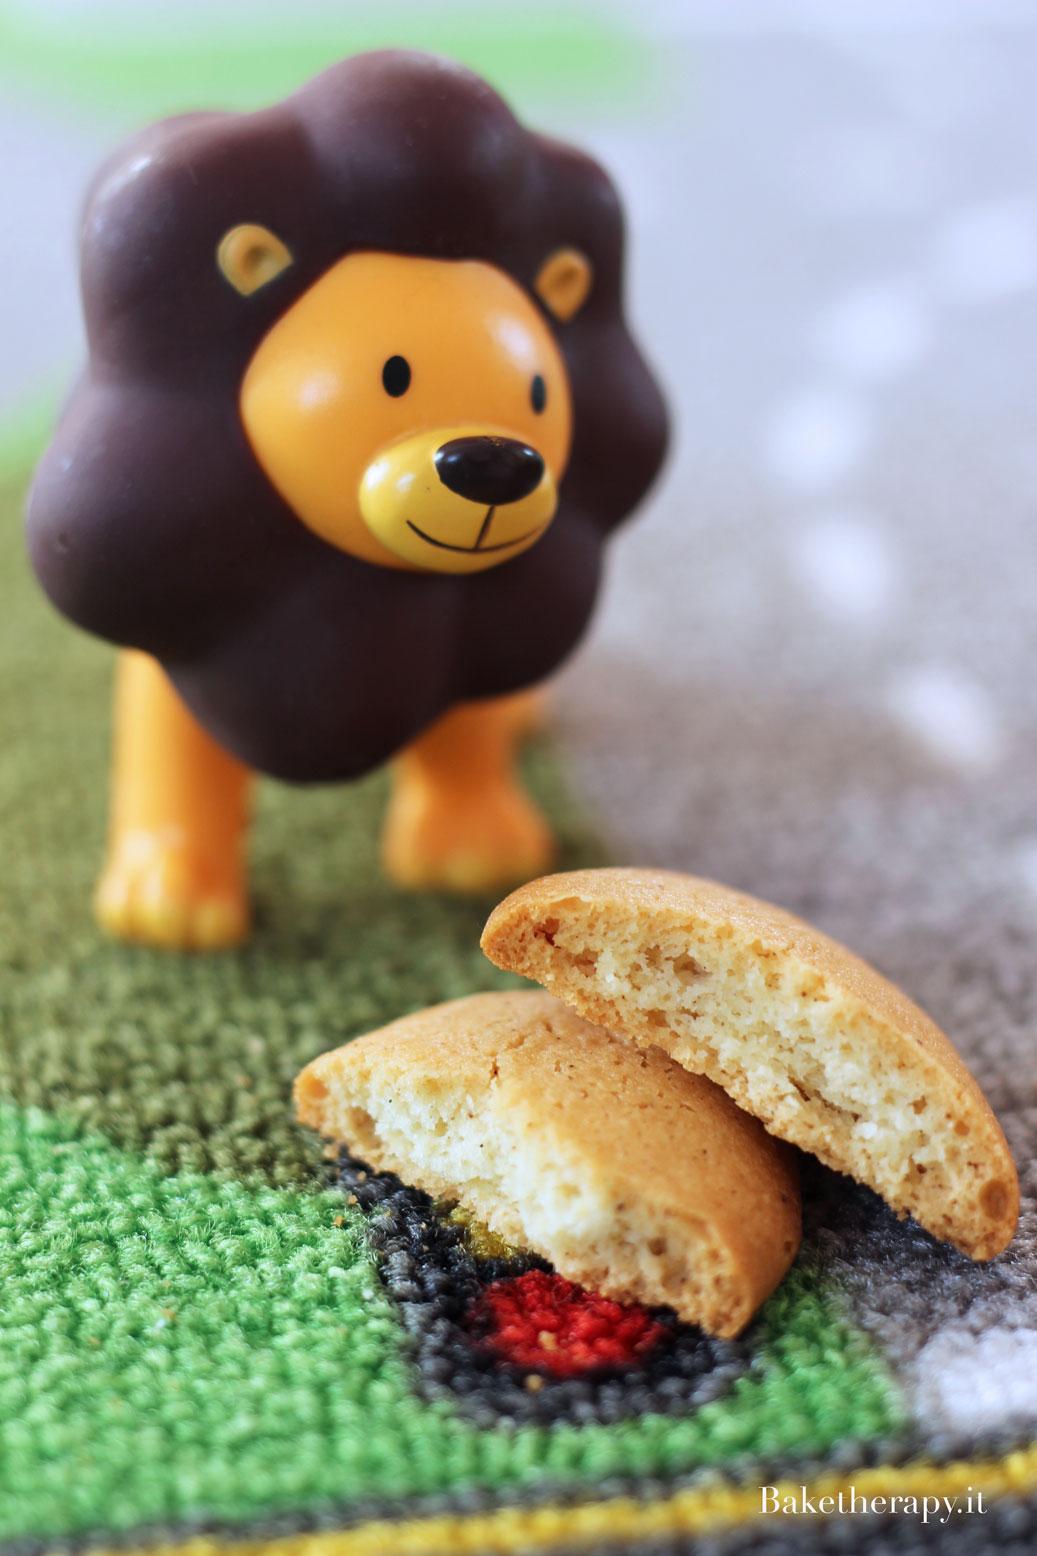 Biscotti per bambini solubili e senza glutine e lattosio.